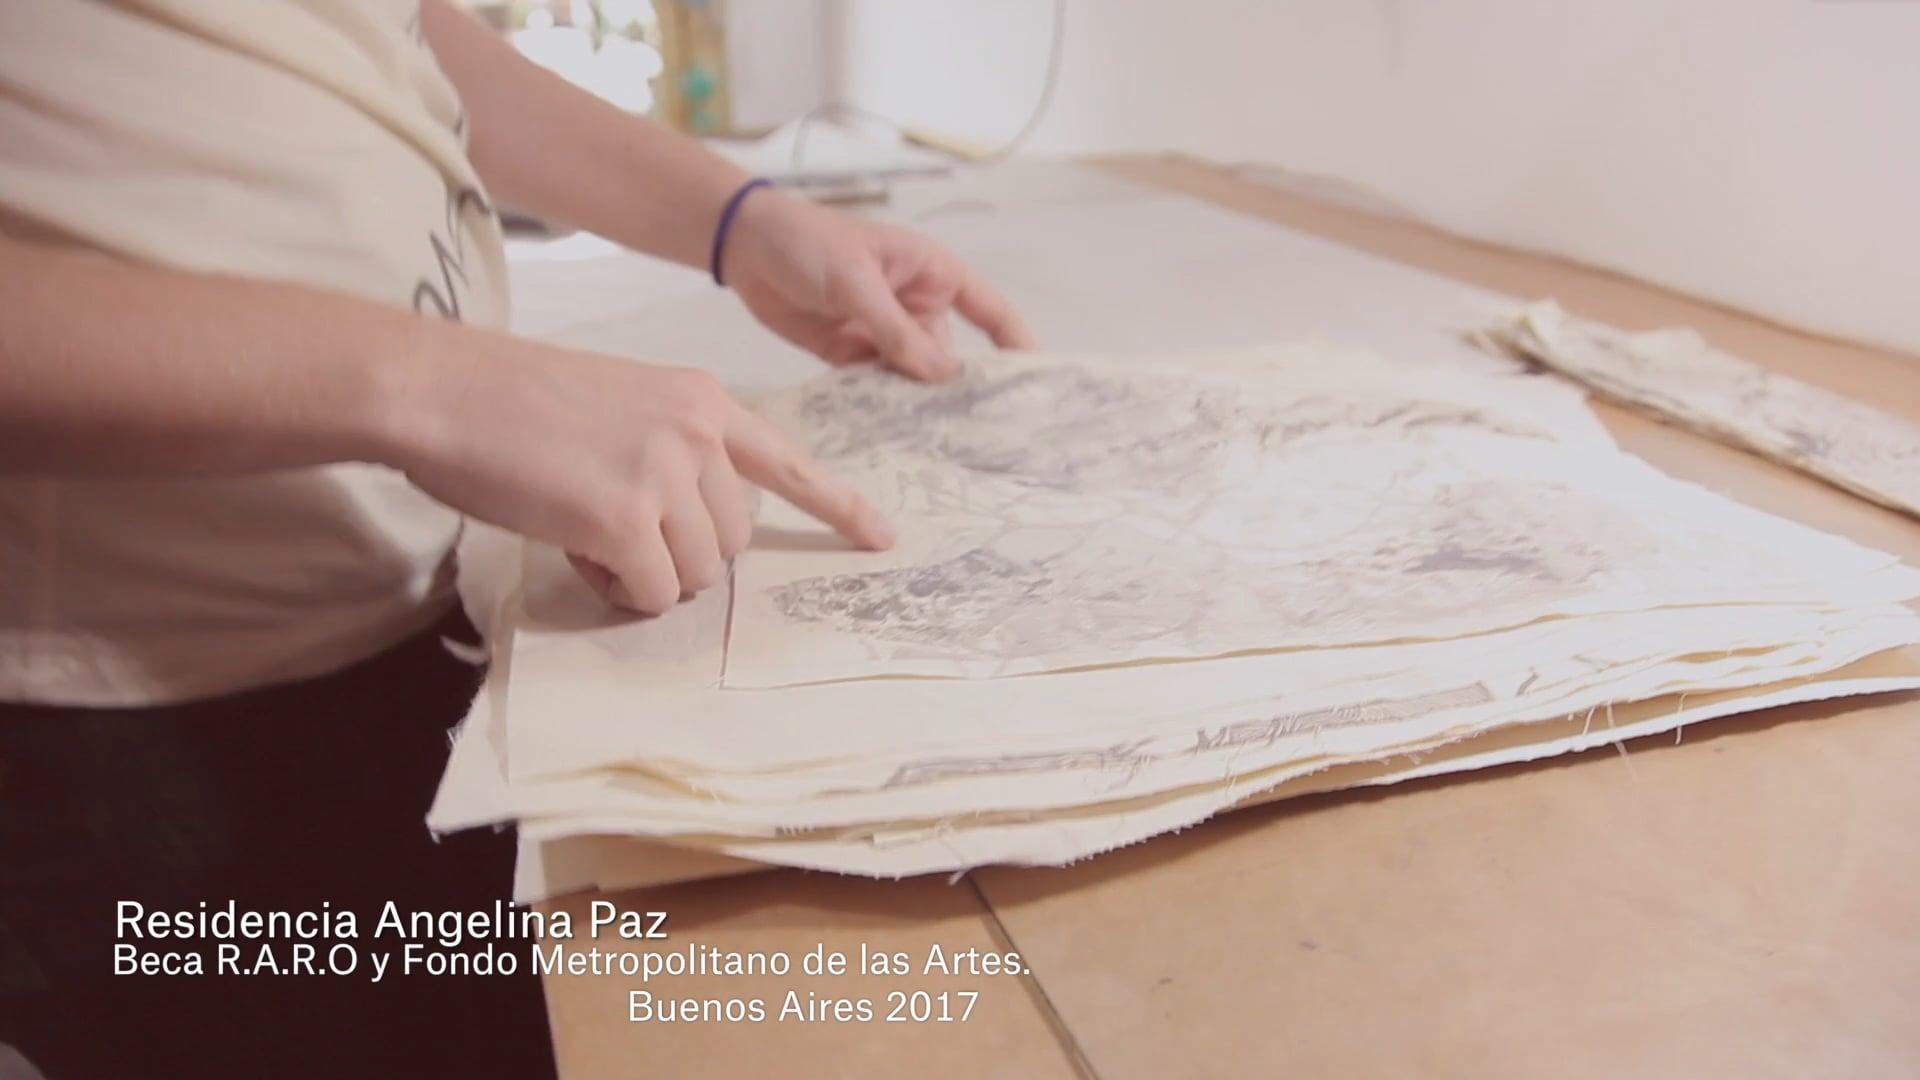 Residencias R.A.R.O. / Angelina Paz